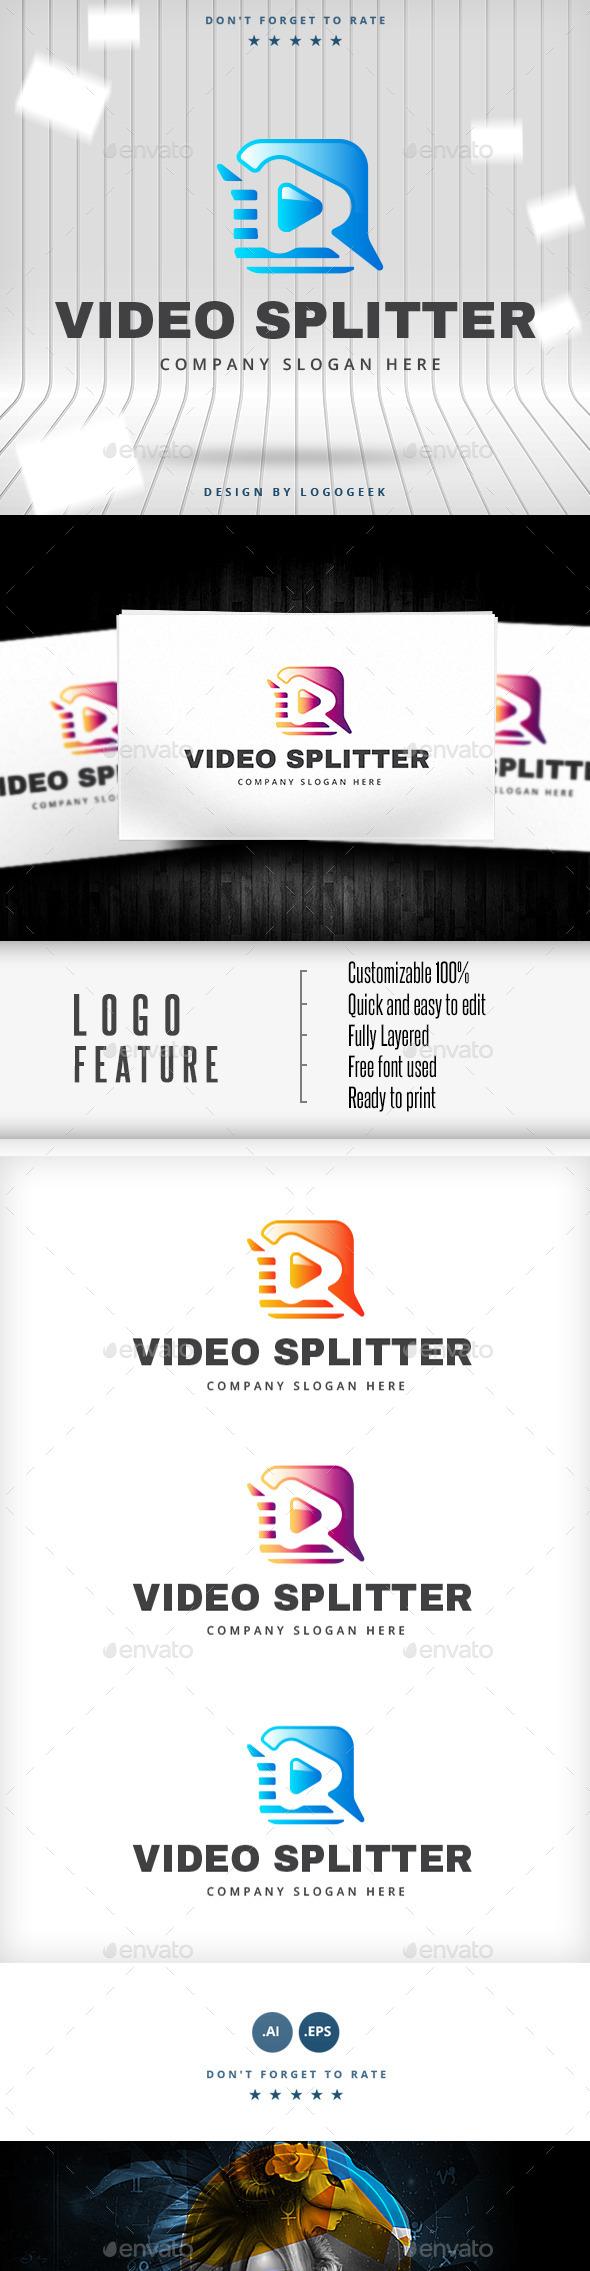 Video Splitter Logo - Logo Templates